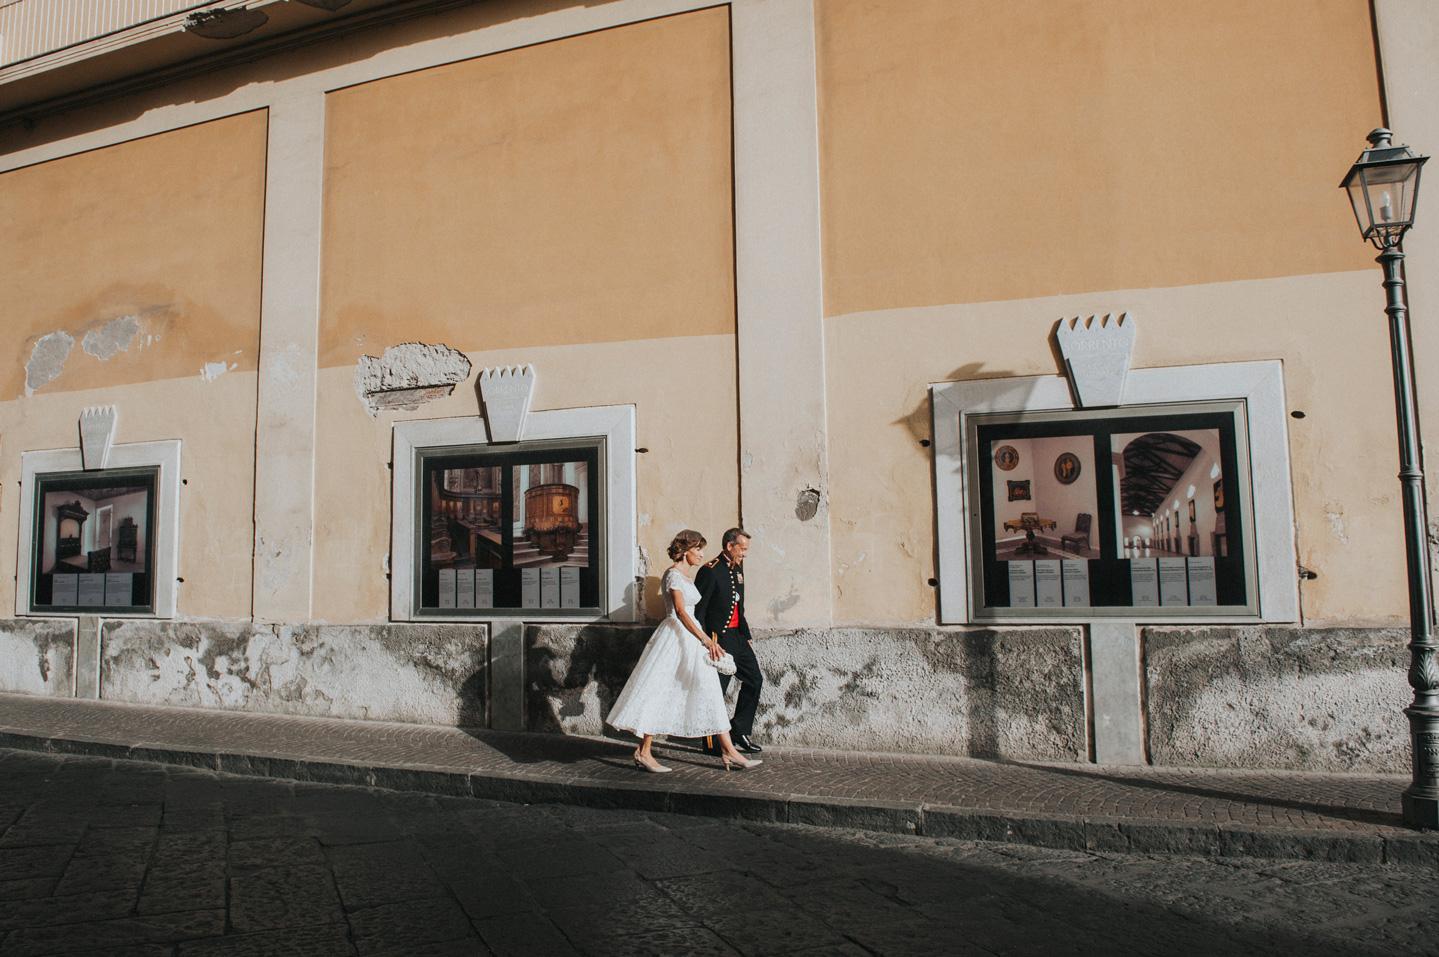 reportage wedding sorrento